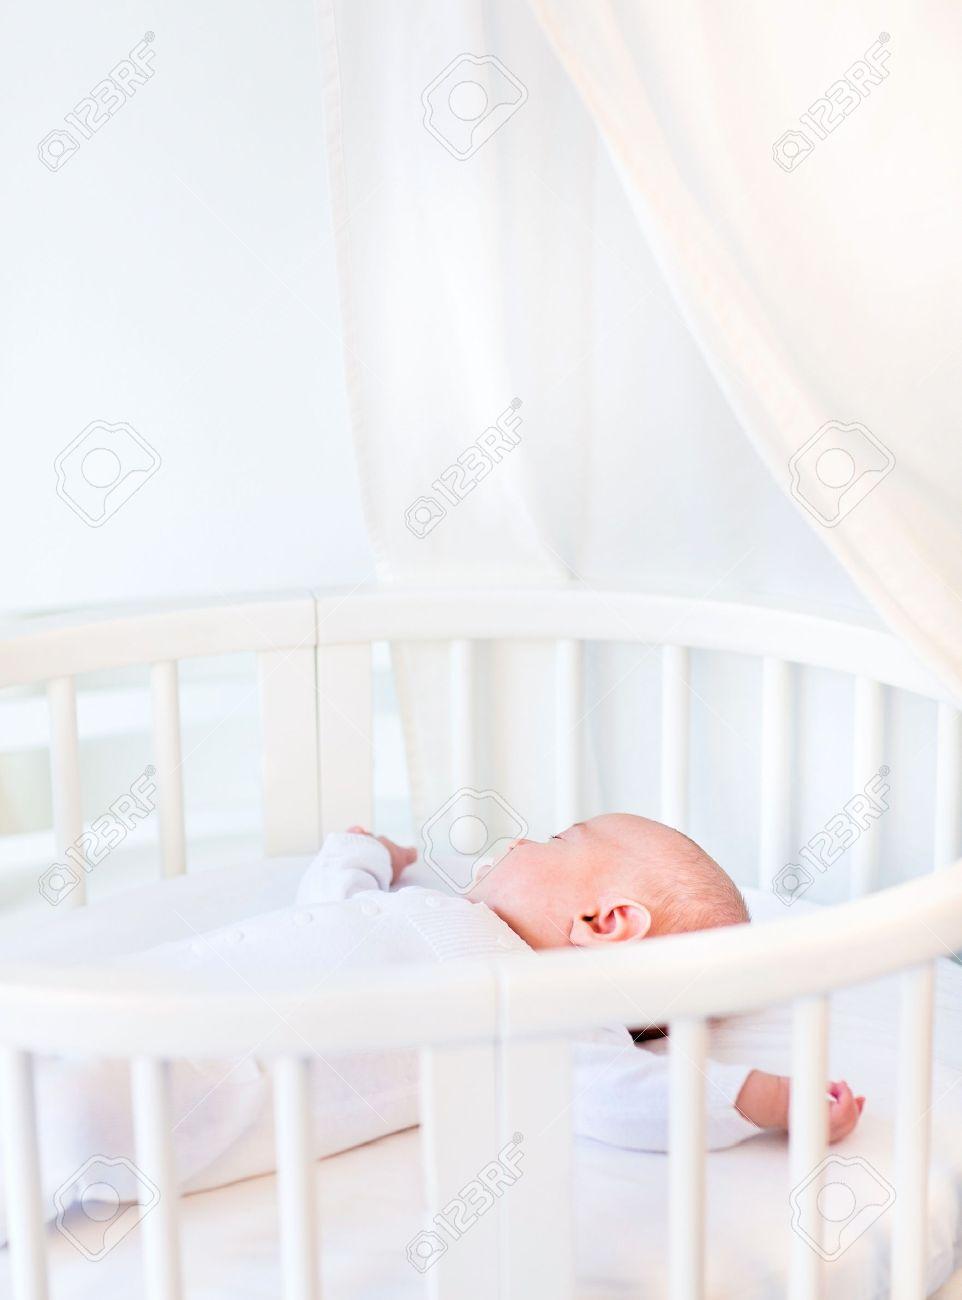 Retrato De Un Bebé Recién Nacido Durmiendo En Una Cuna Redonda ...